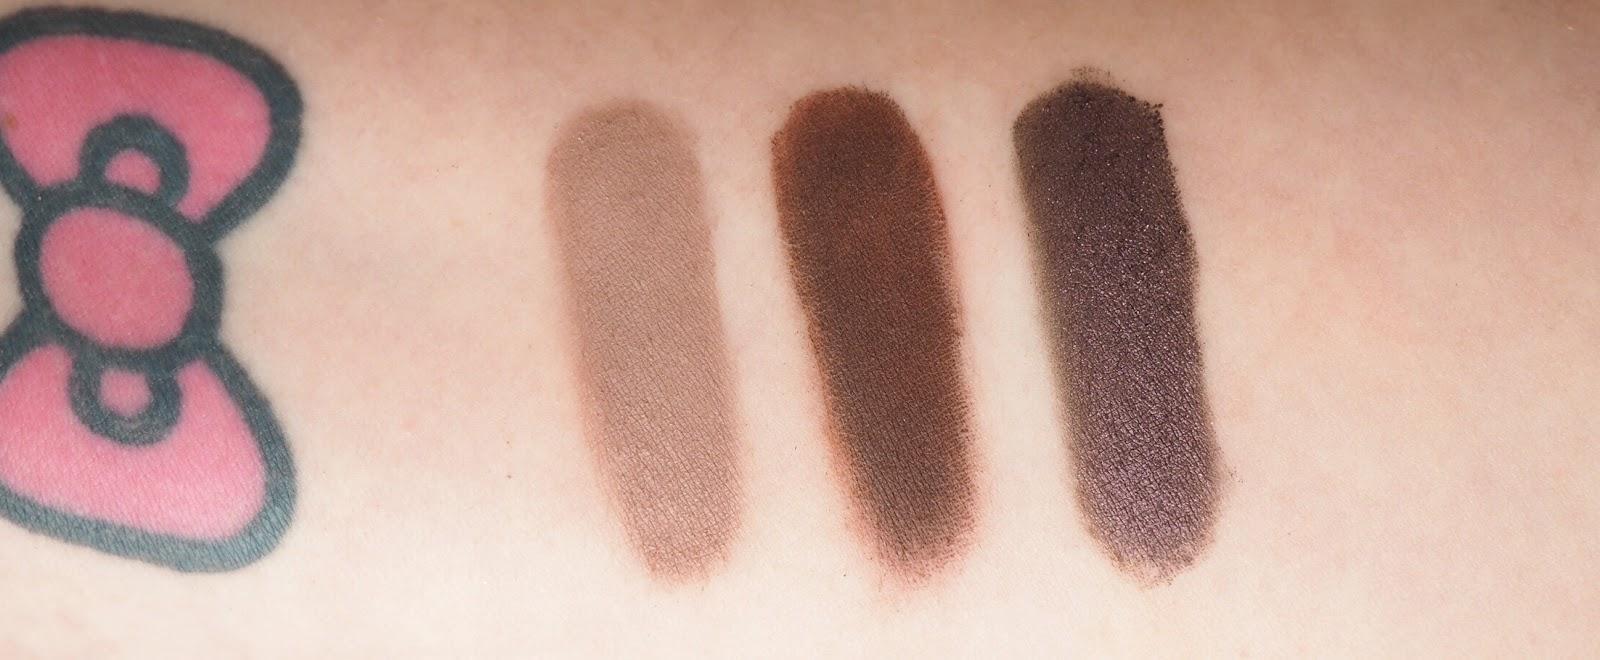 Foiled Eyeshadow Pan by Makeup Geek #9